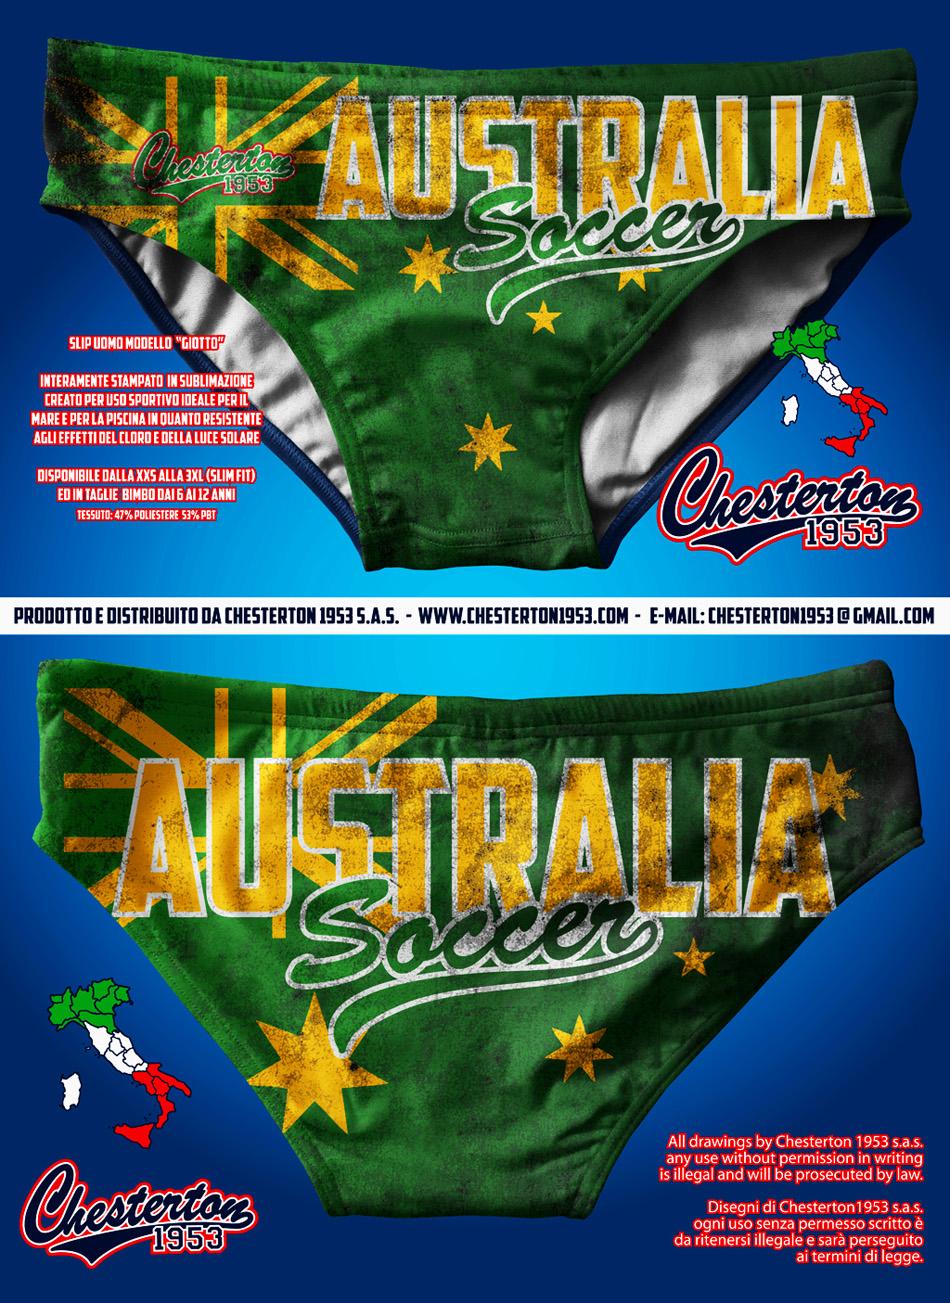 soccer 2014 slip australia.jpg